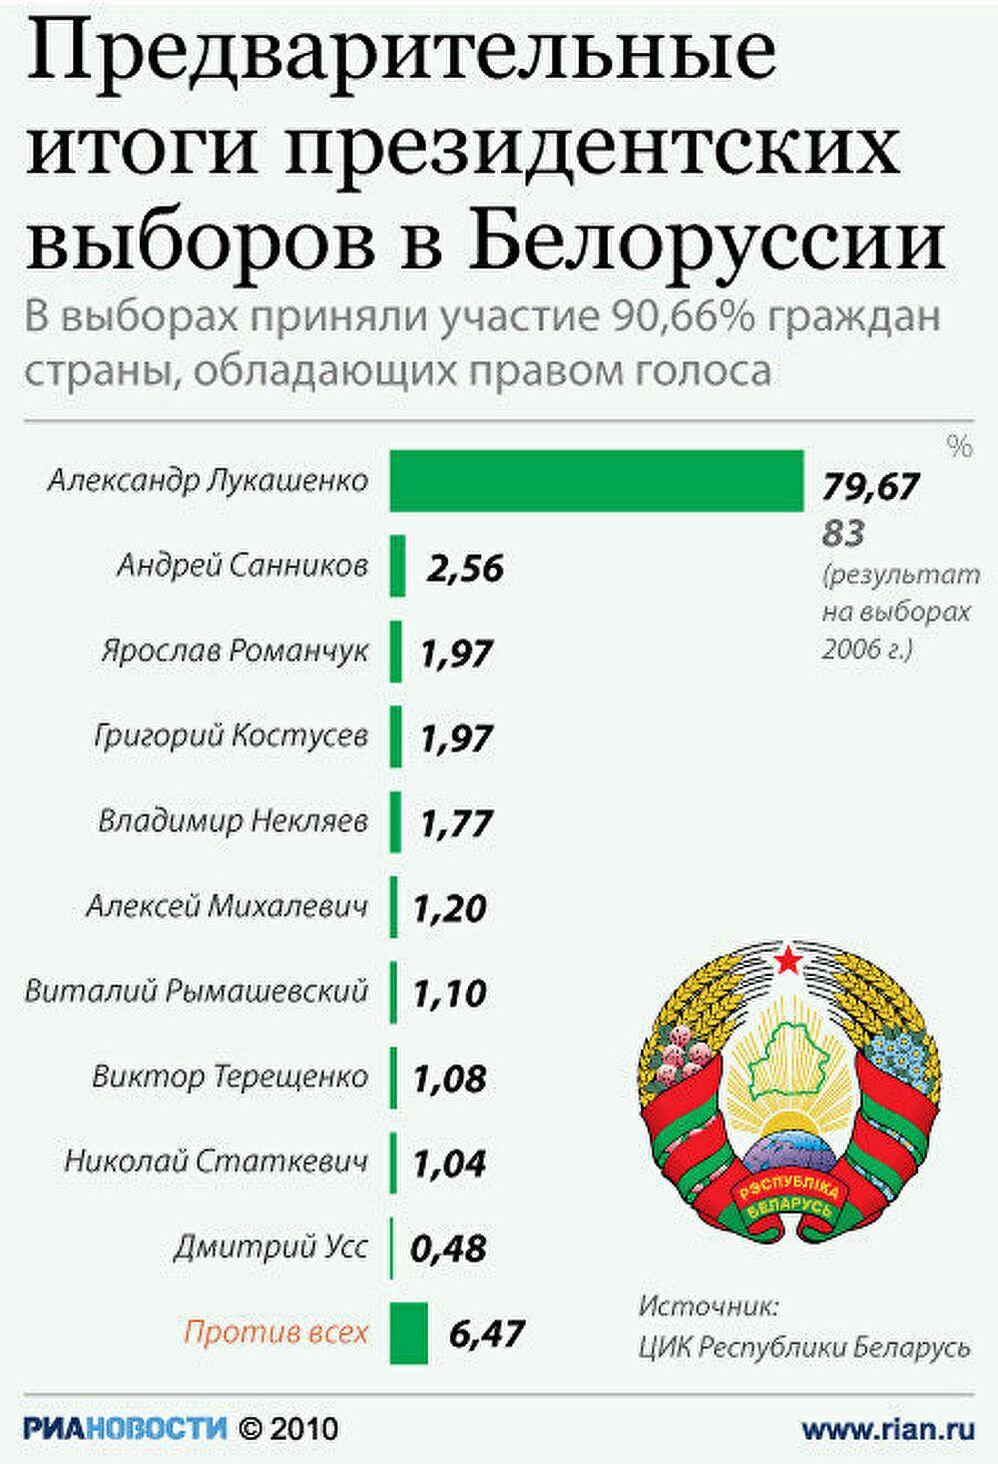 Итоги президентских выборов в Белоруссии